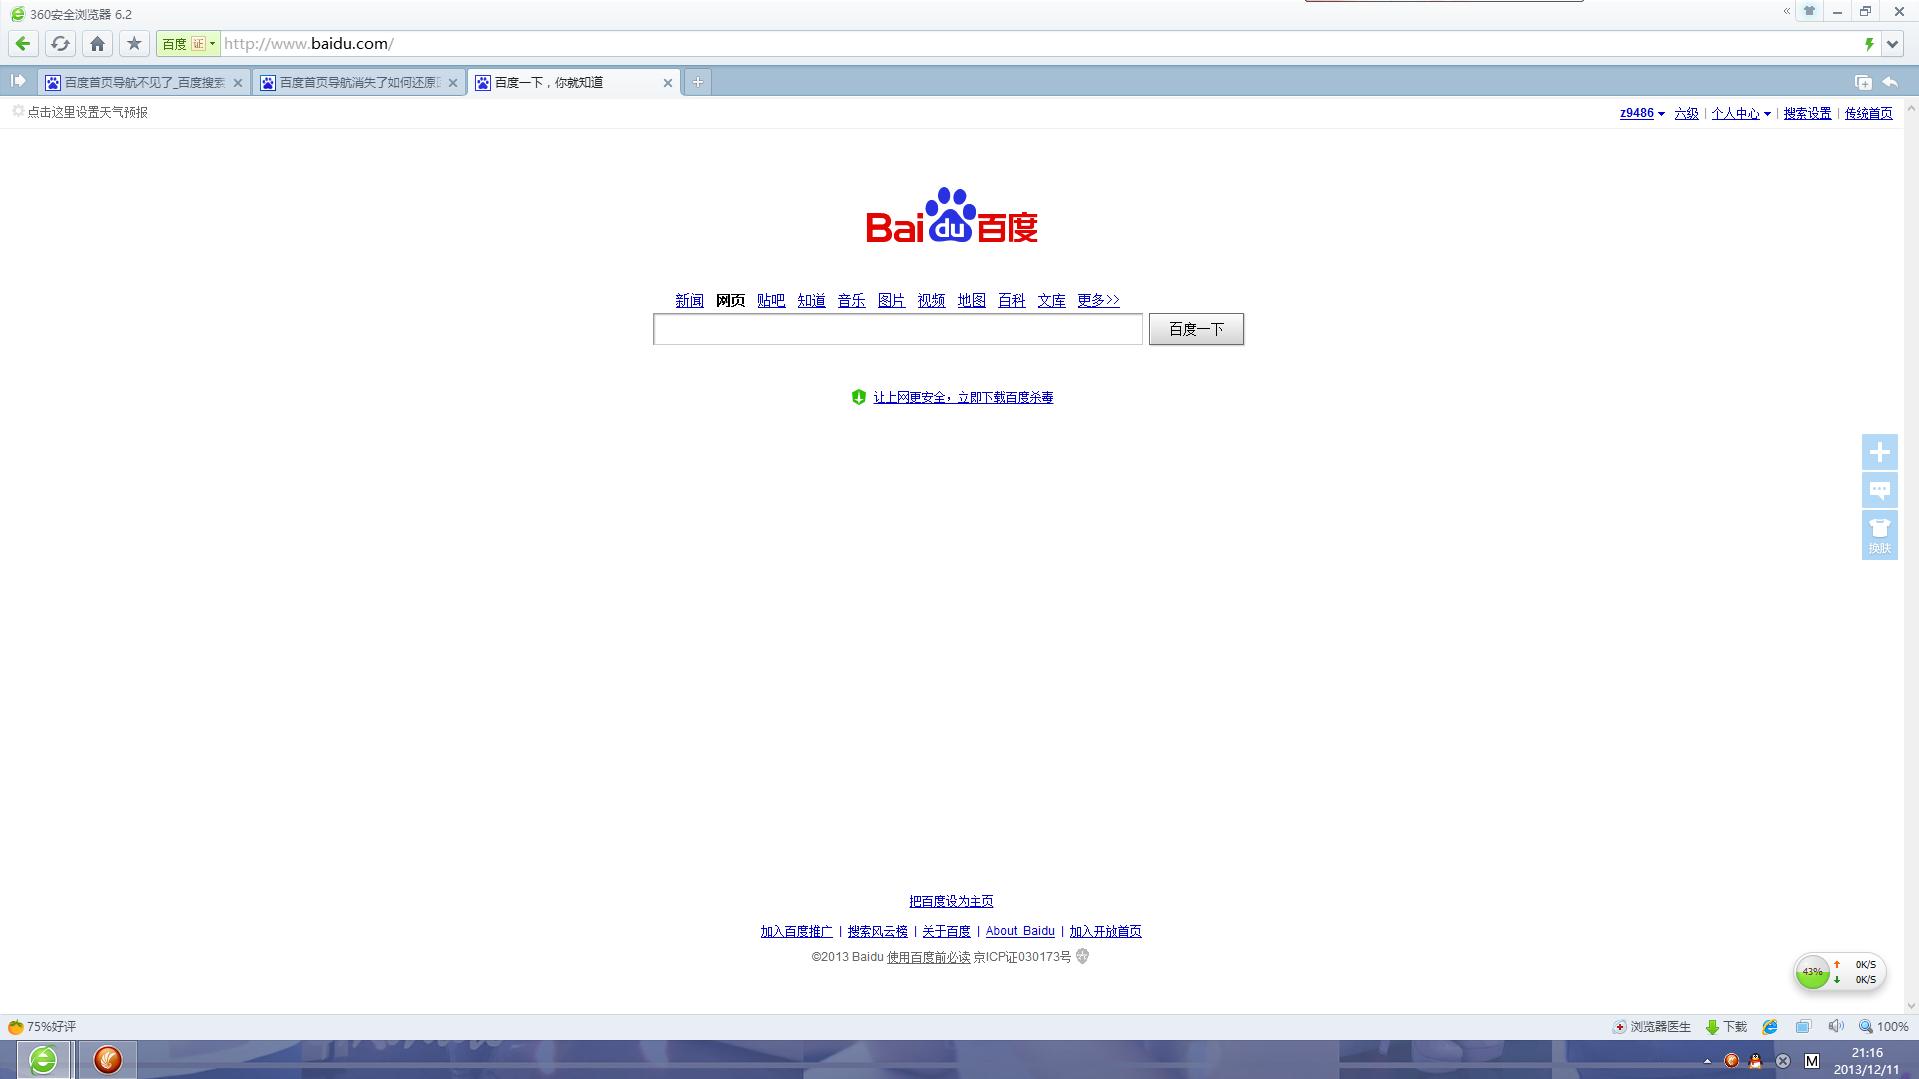 在百度首页上搜索东西,出来的网页字体变大,求怎么恢复.